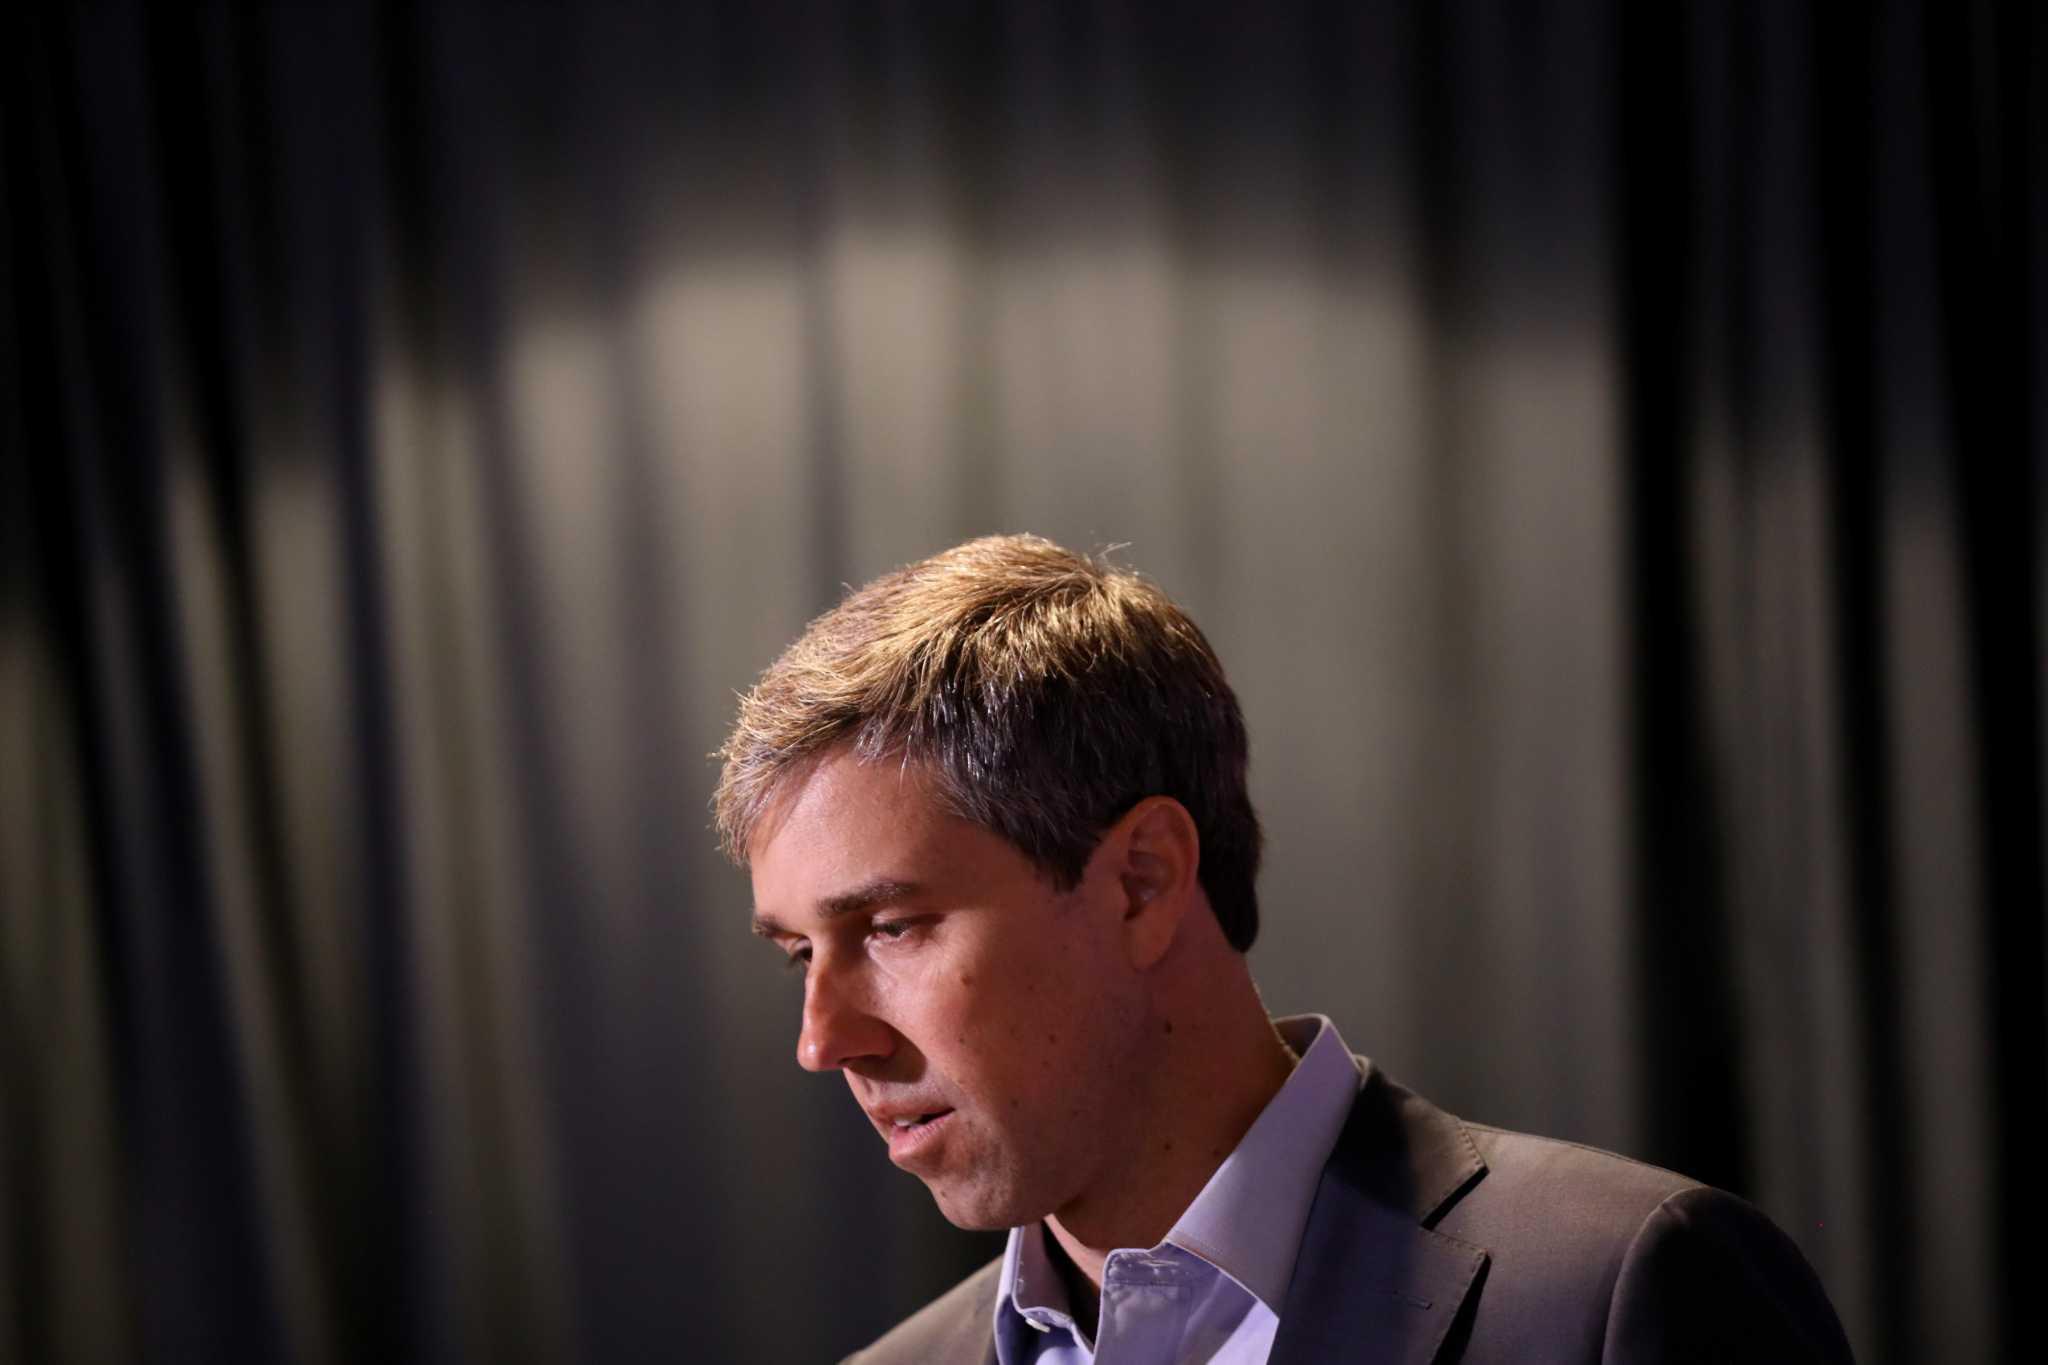 Beto O'Rourke debates tonight, still needing a spark